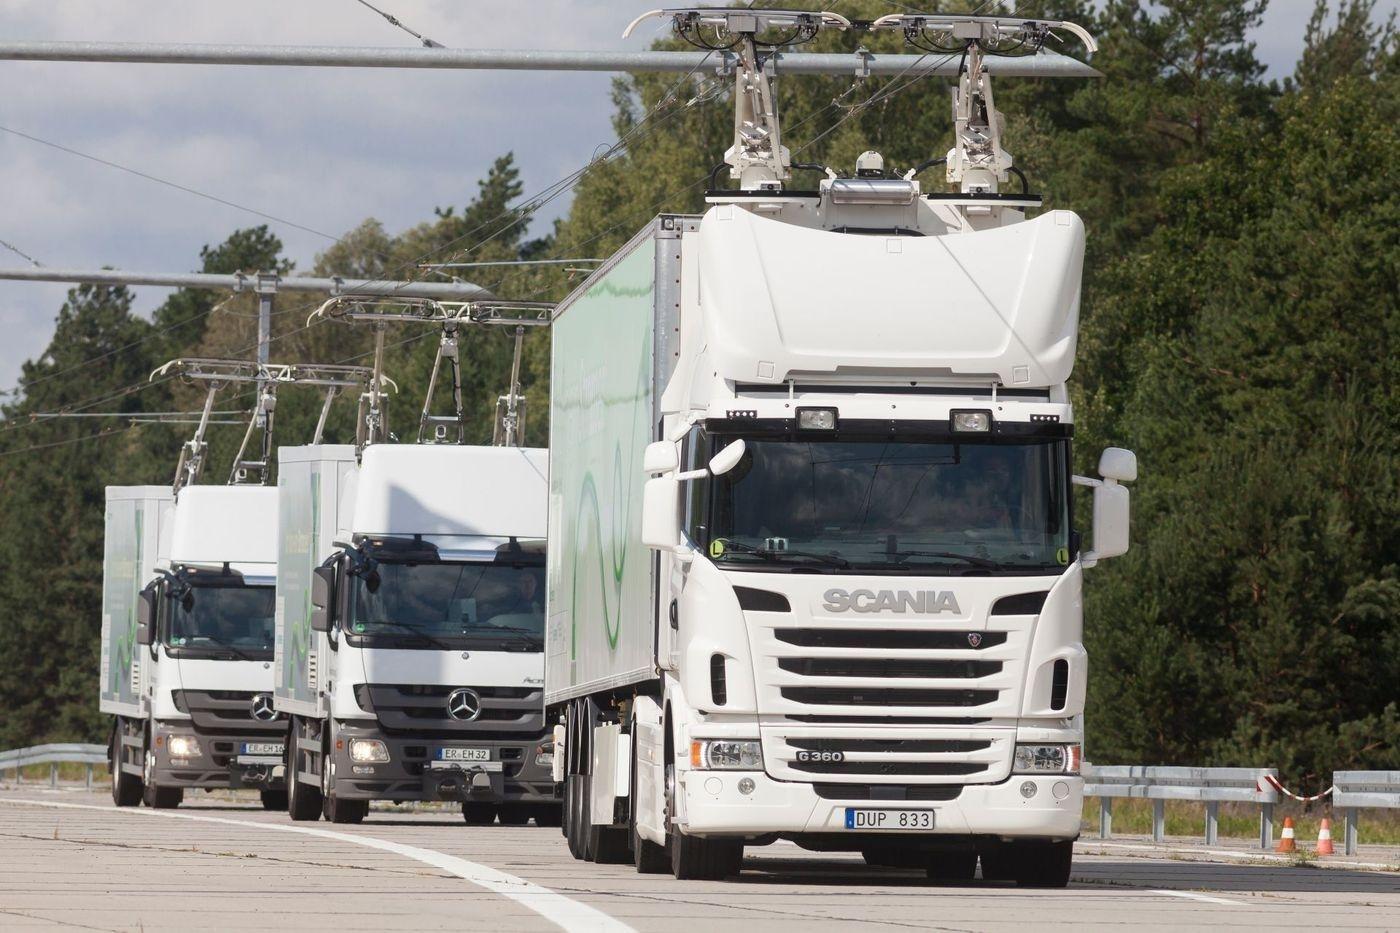 트럭이 마치 전철처럼 전기를 공급받으며 달릴 수 있는 'e-highway'. [출처 지멘스 홈페이지]